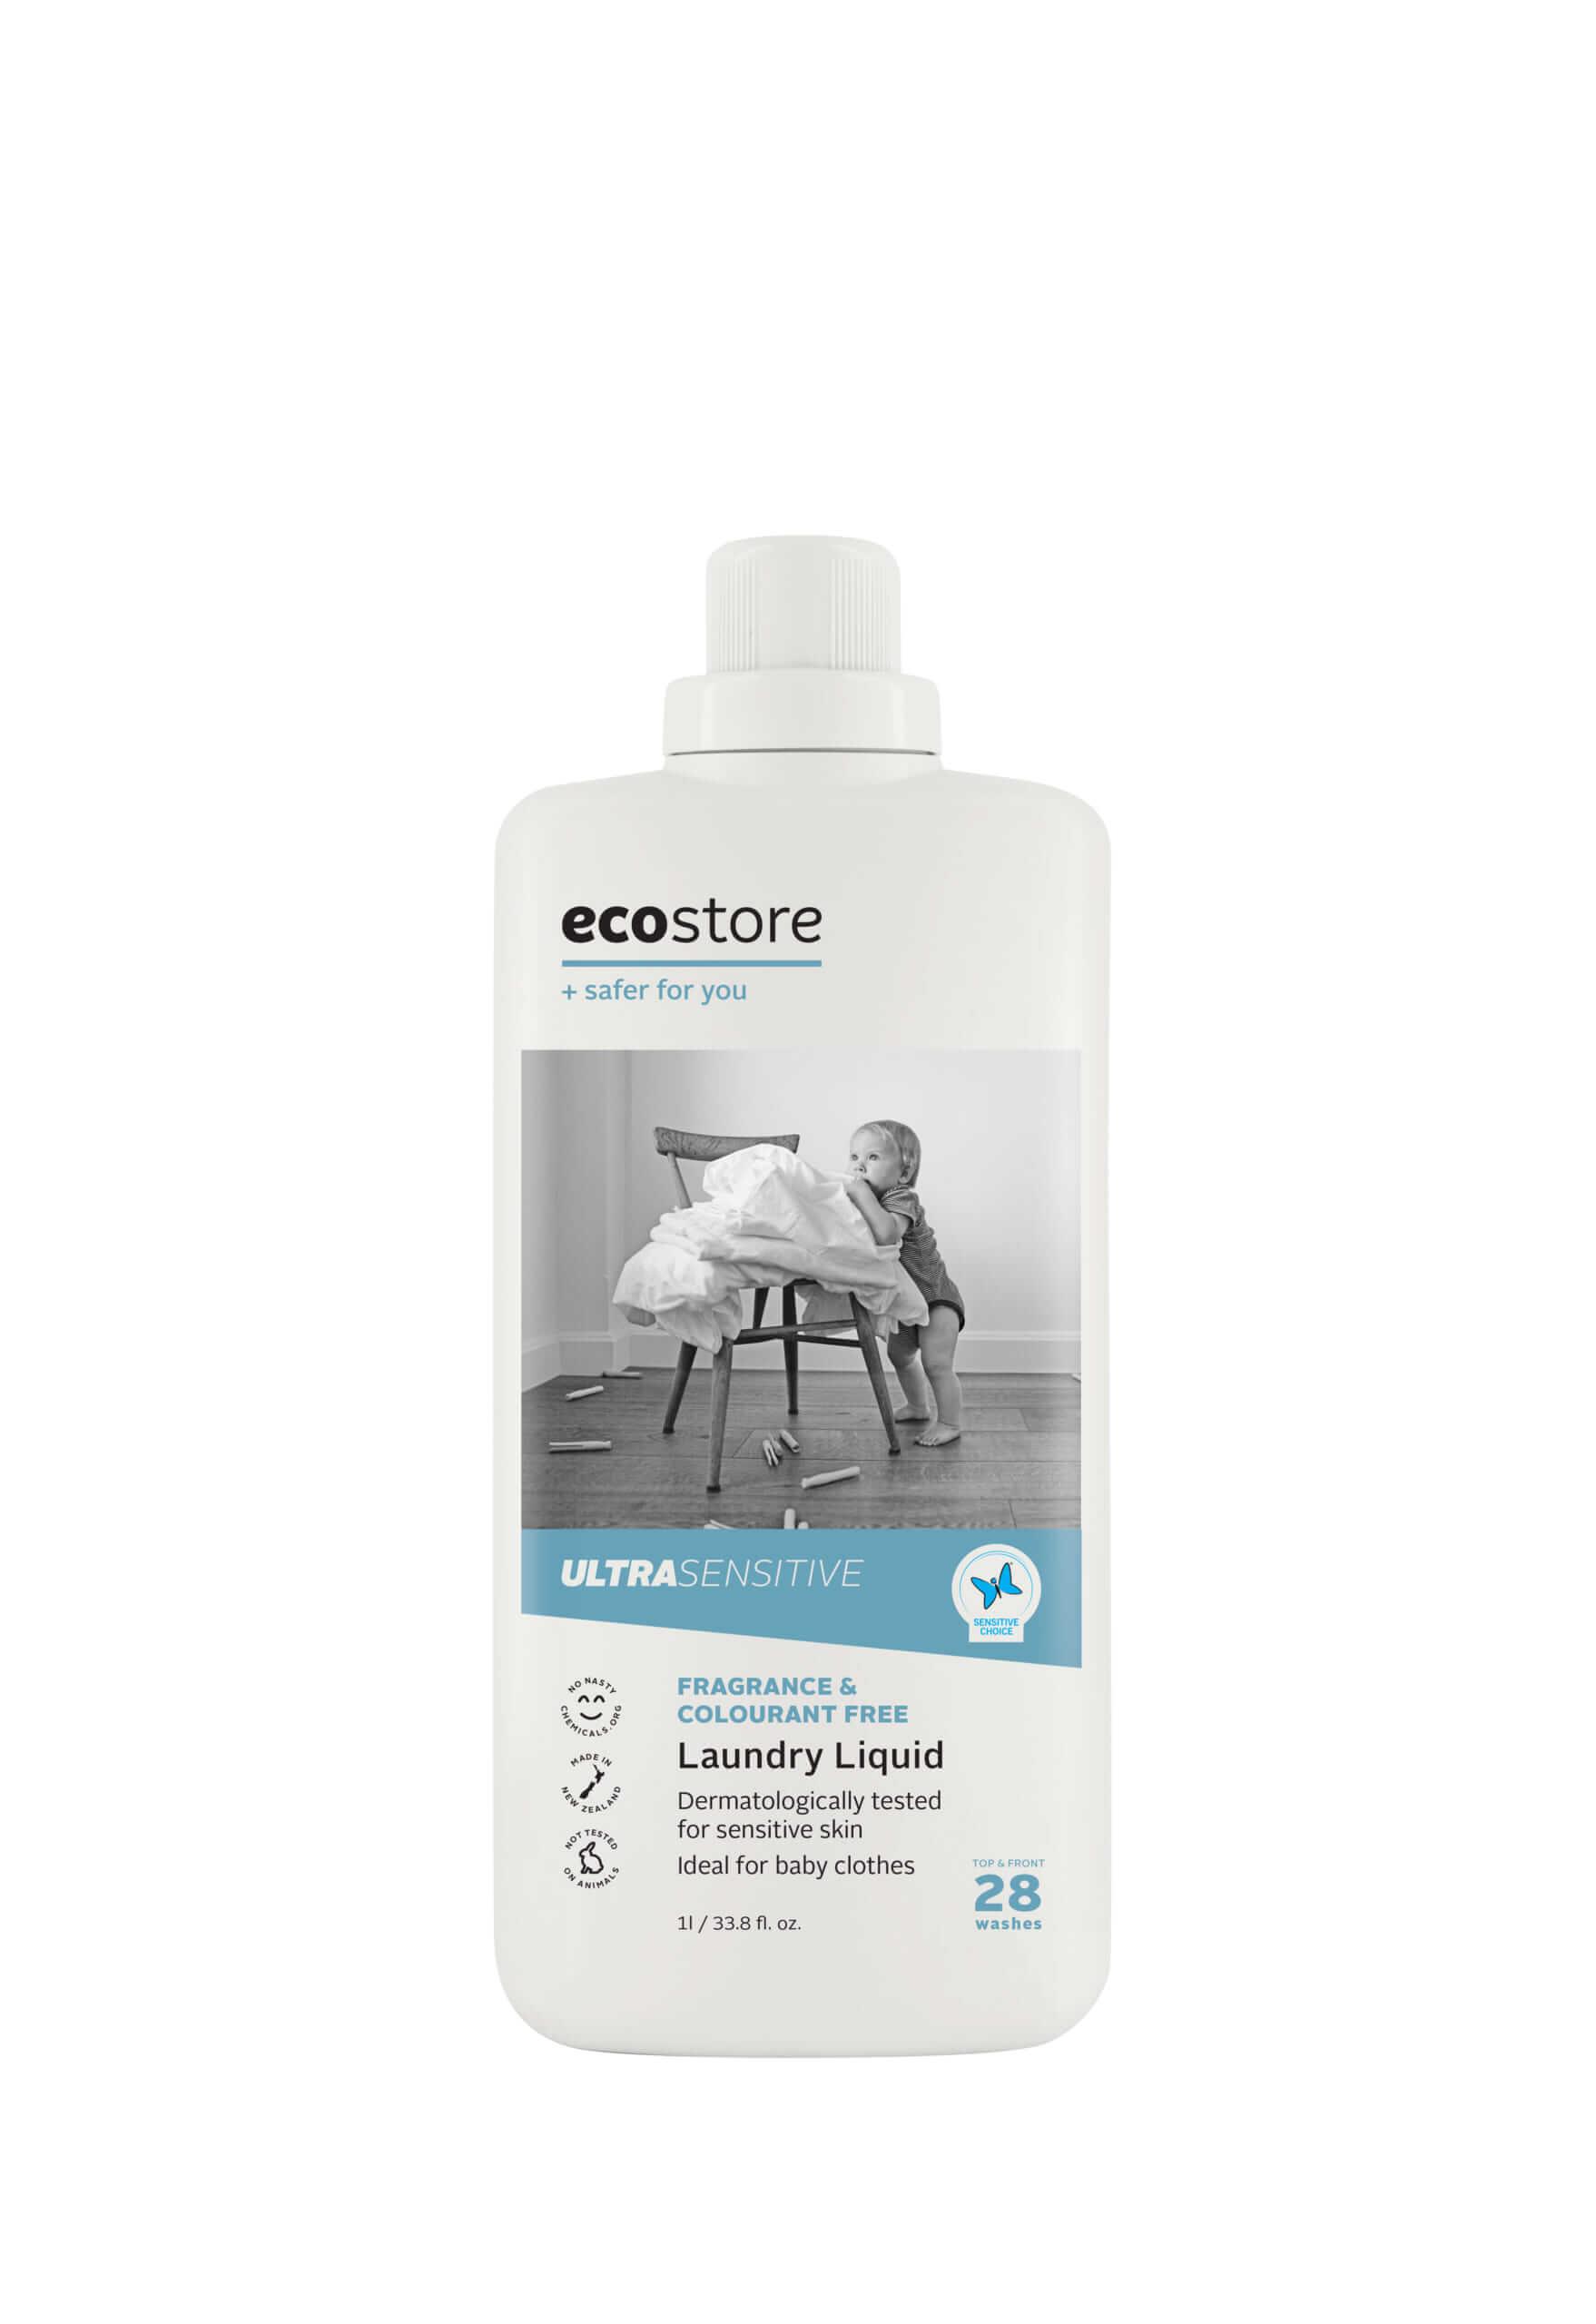 ecostore(エコストア)のランドリーリキッド<無香料> 500mL/¥748(税込み)、1L/¥1,298(税込み)